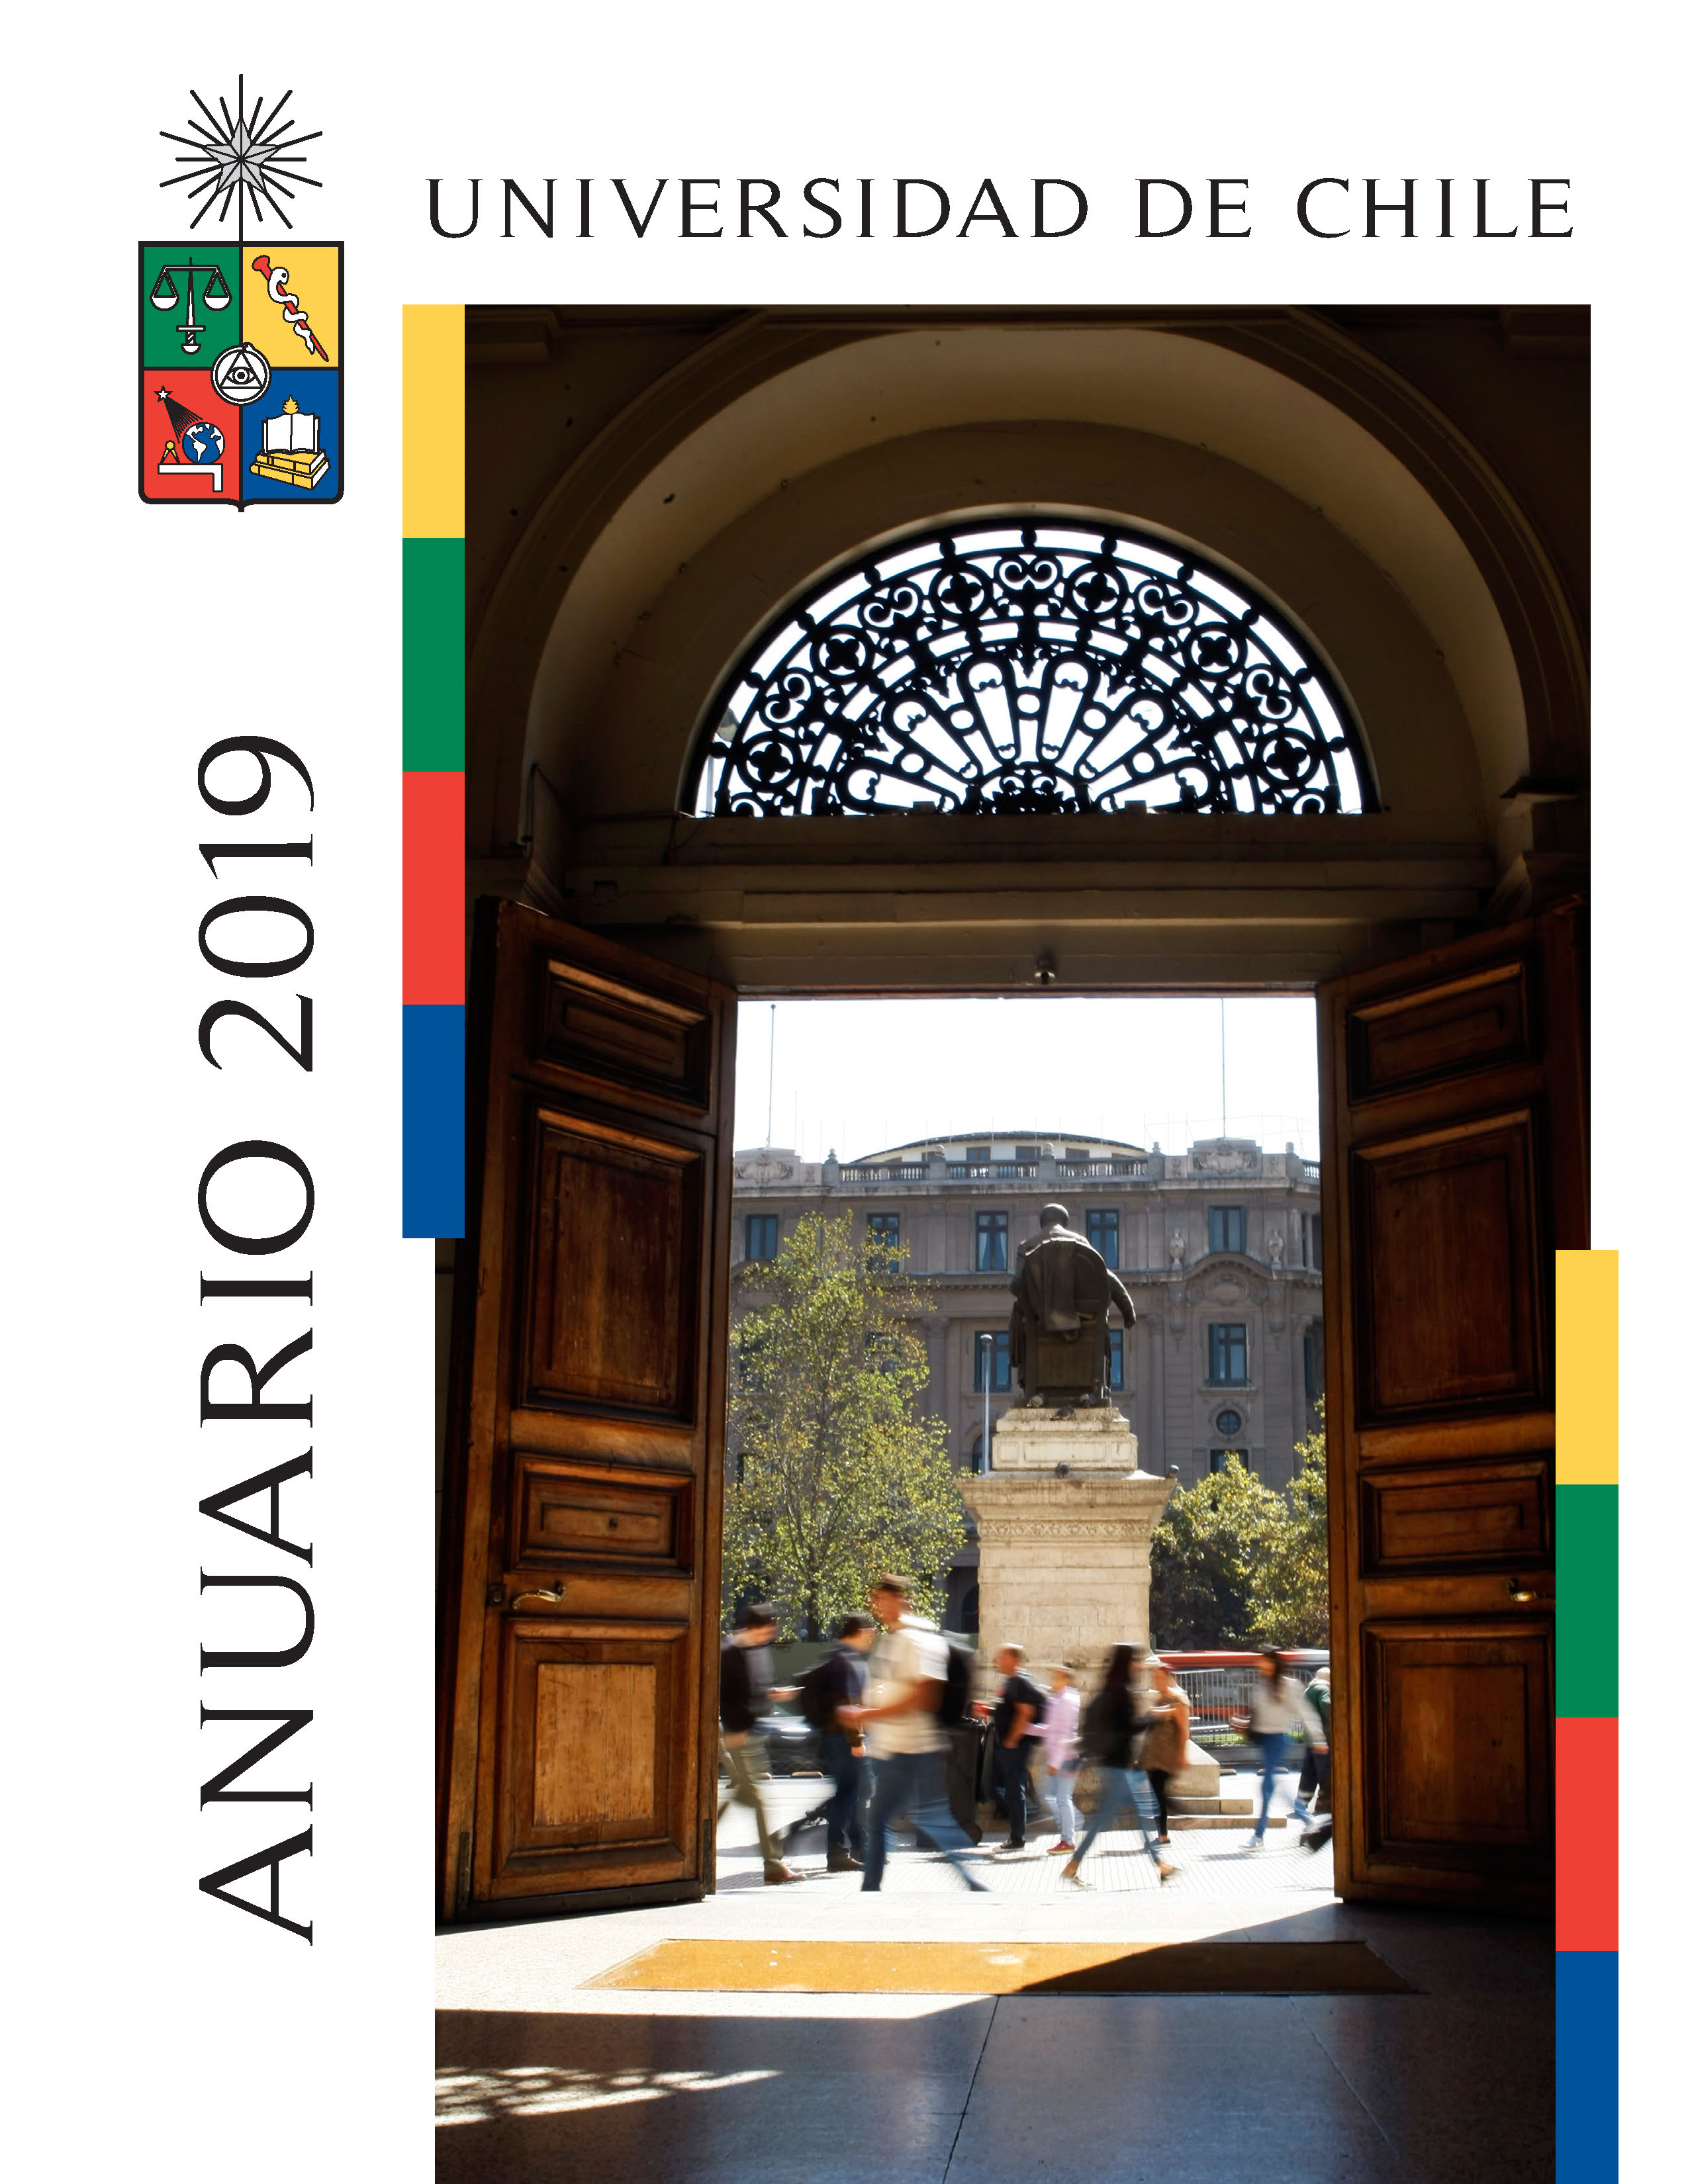 Cubierta para Anuario 2019: Universidad de Chile